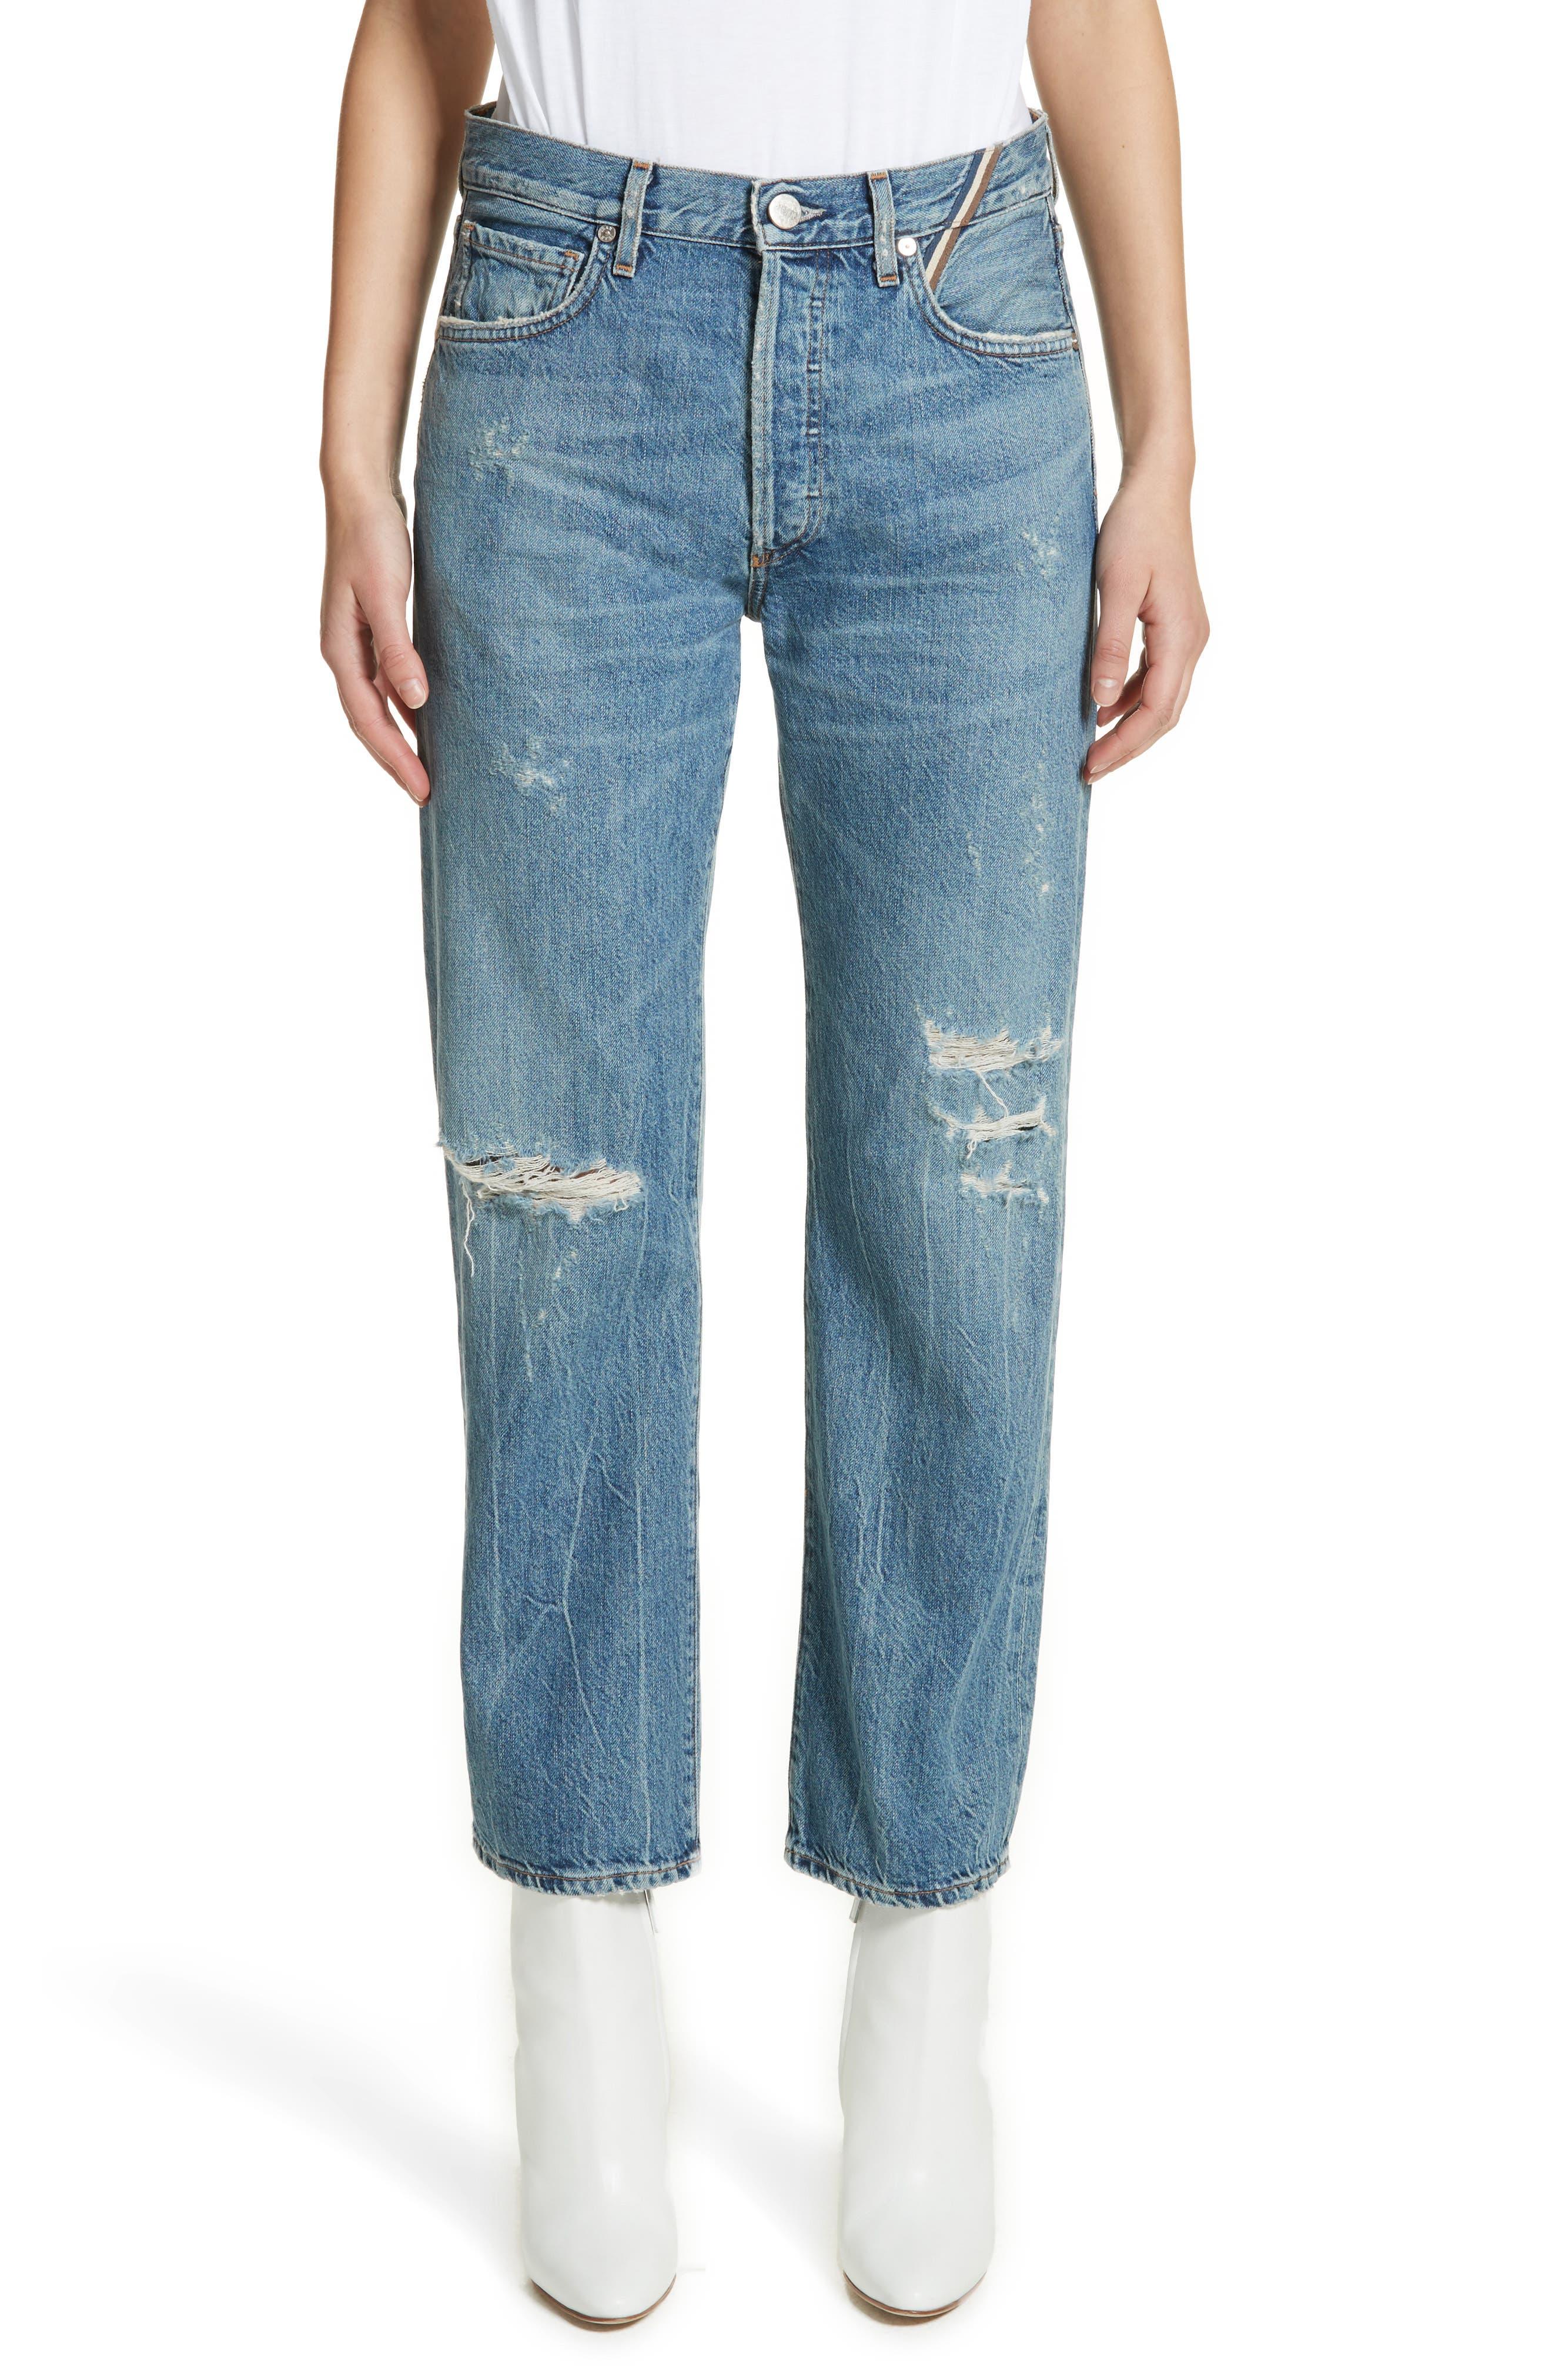 Laurent High Rise Distressed Boyfriend Jeans,                             Main thumbnail 1, color,                             VINTAGE